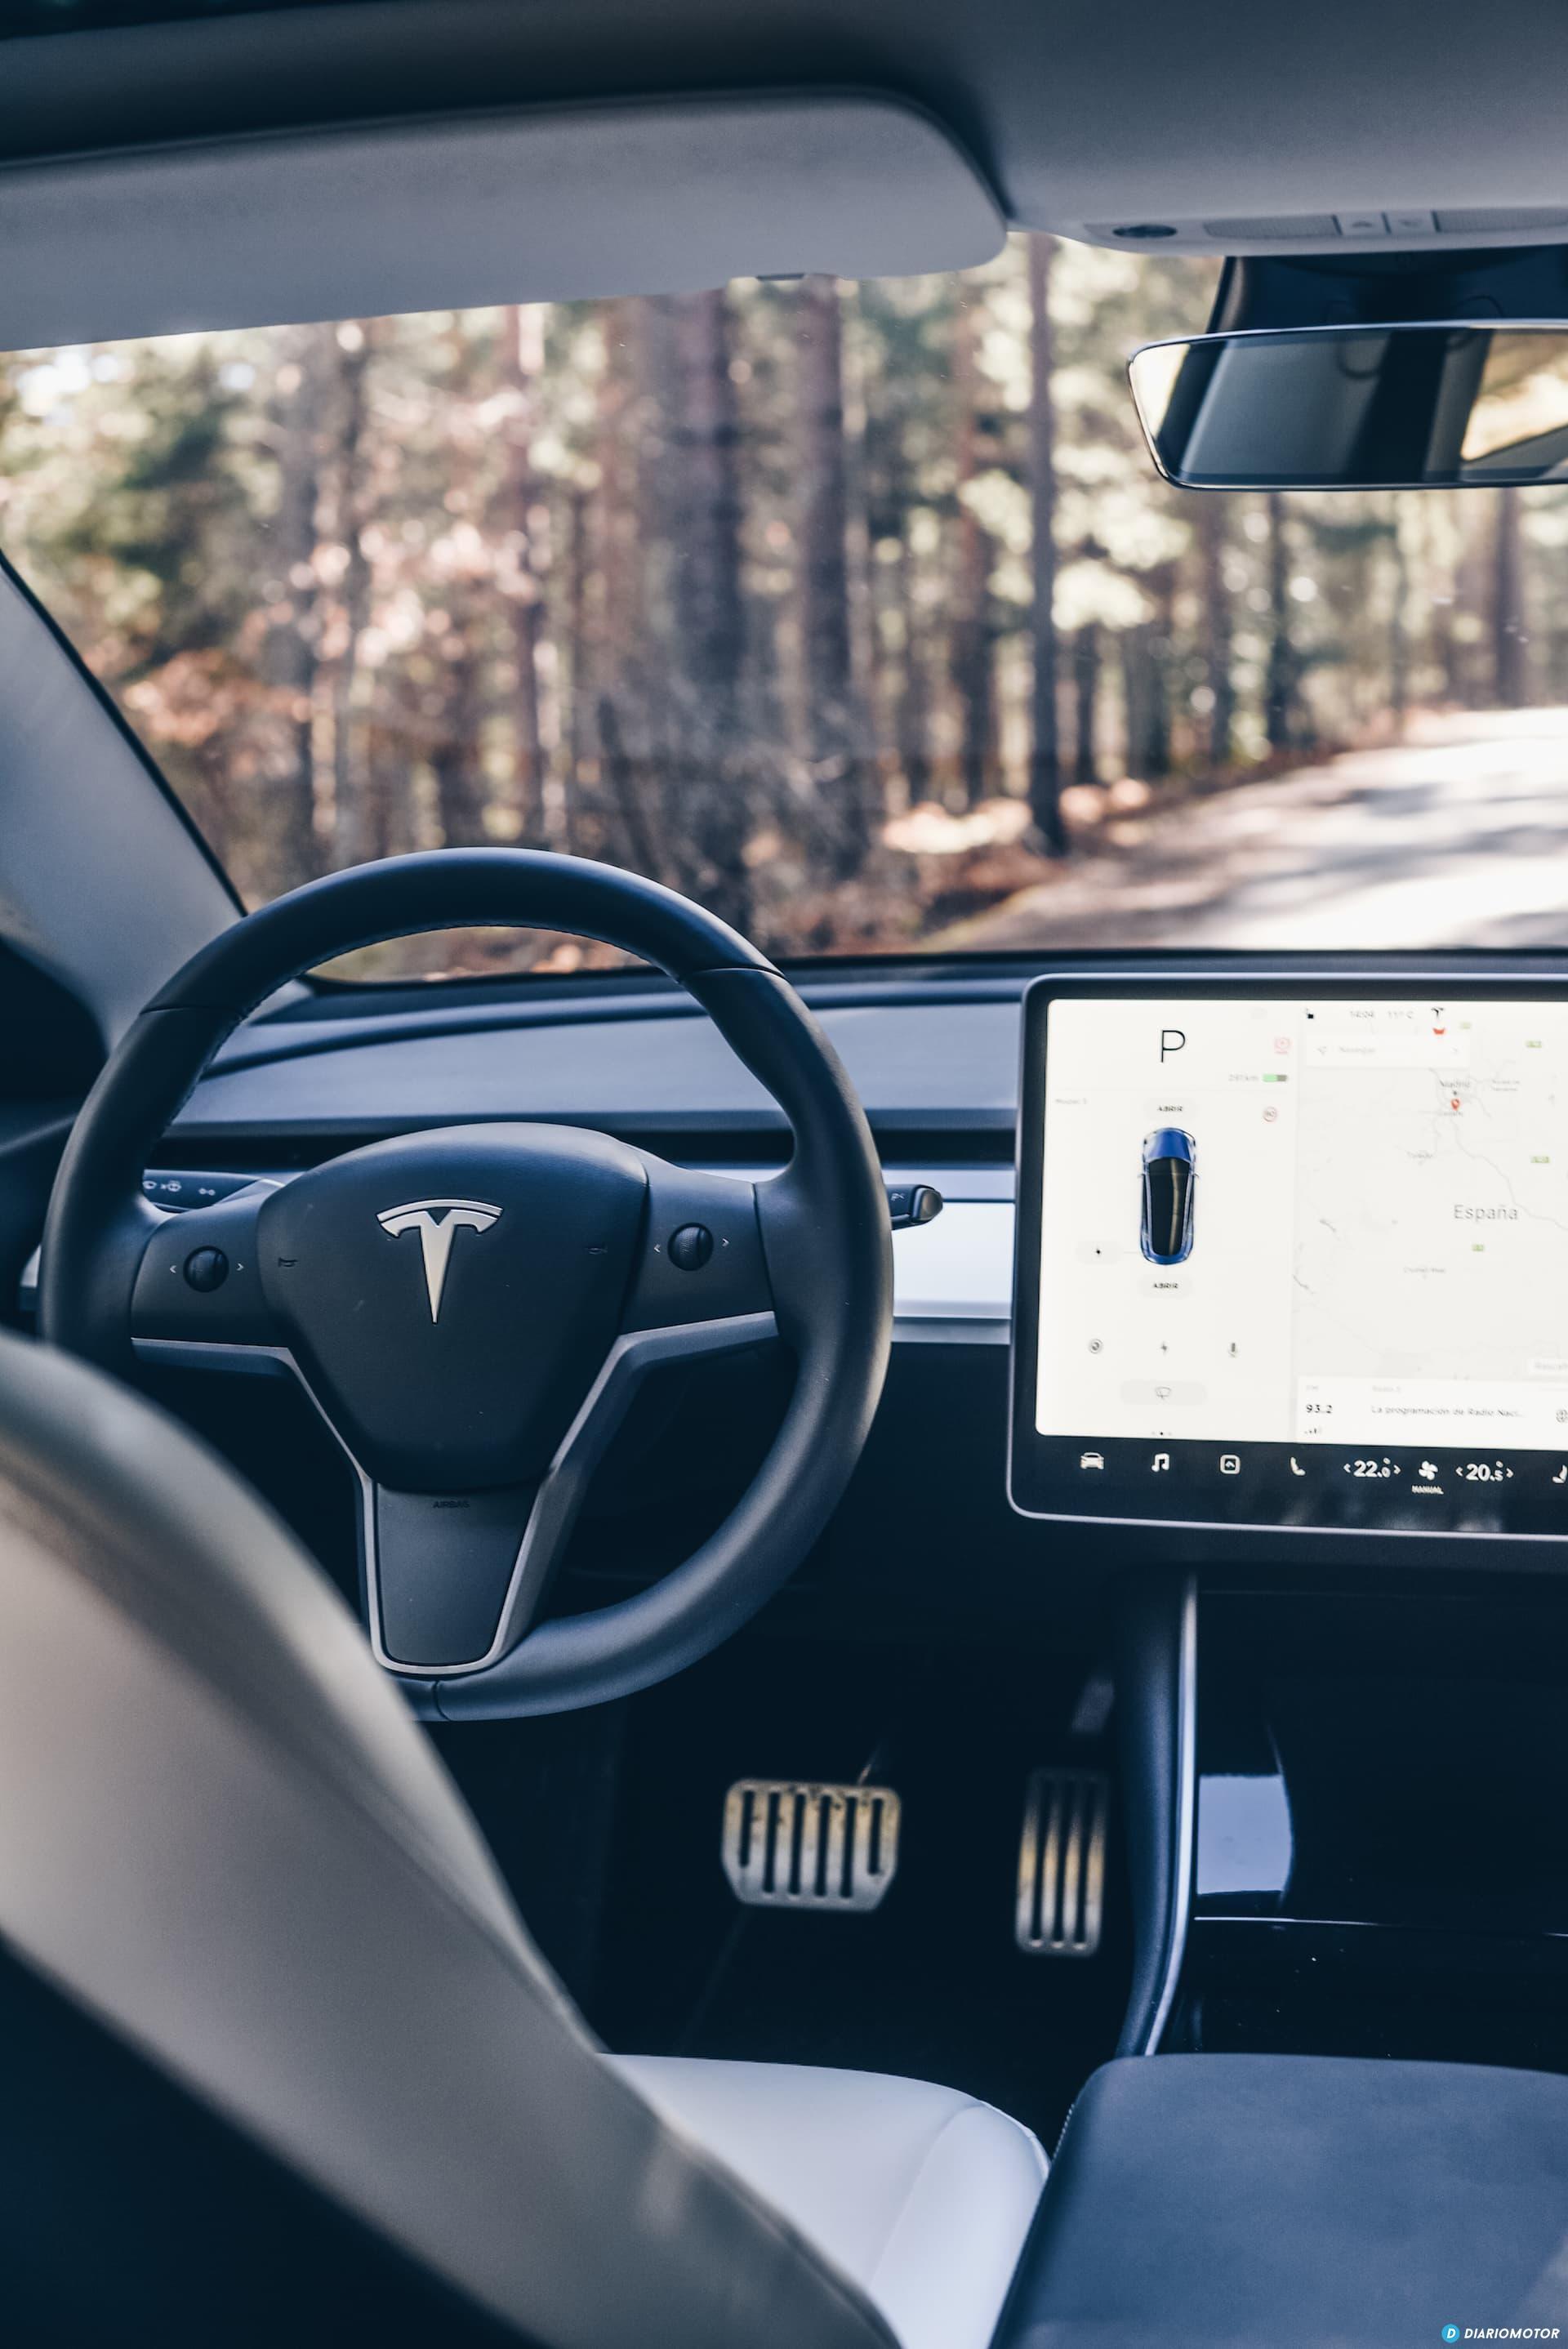 Prueba Tesla Model 3 Dm 5